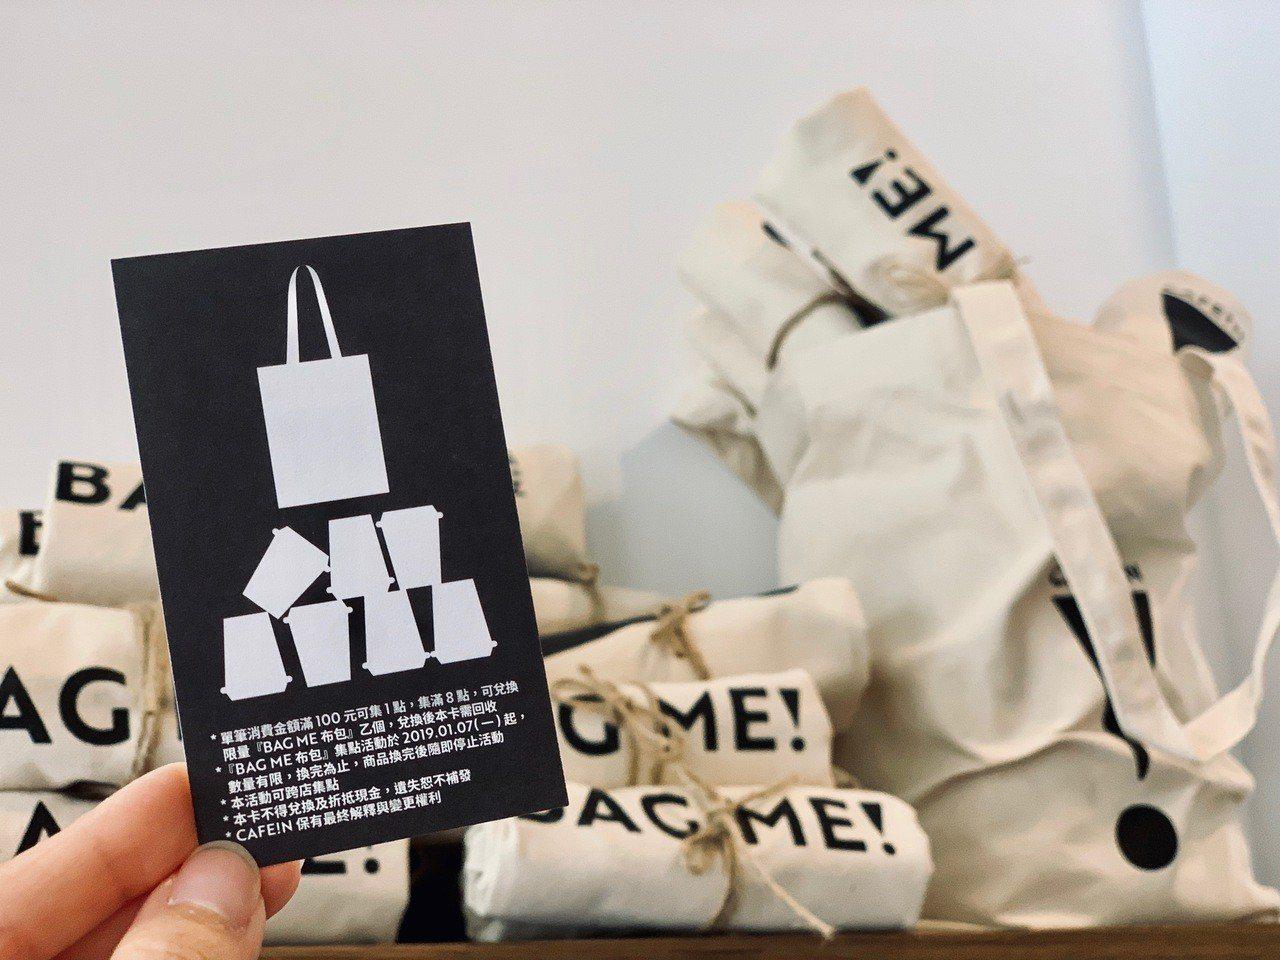 凡消費集滿八點即贈送一個帆布袋(單售180元)。記者張芳瑜/攝影